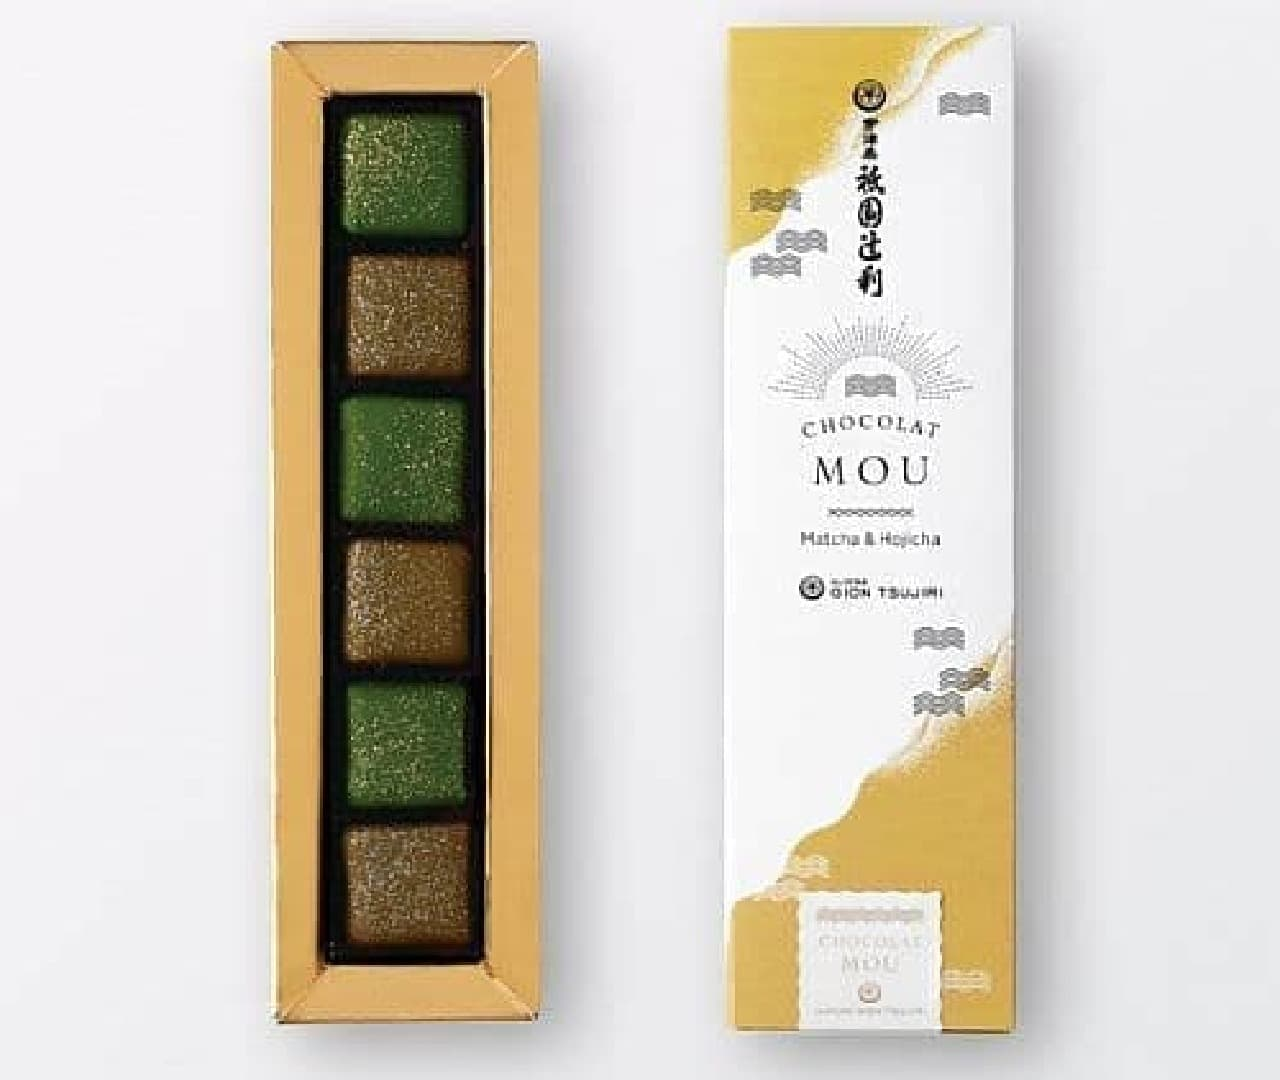 祇園辻利「chocolat mou(ショコラ ムー)」